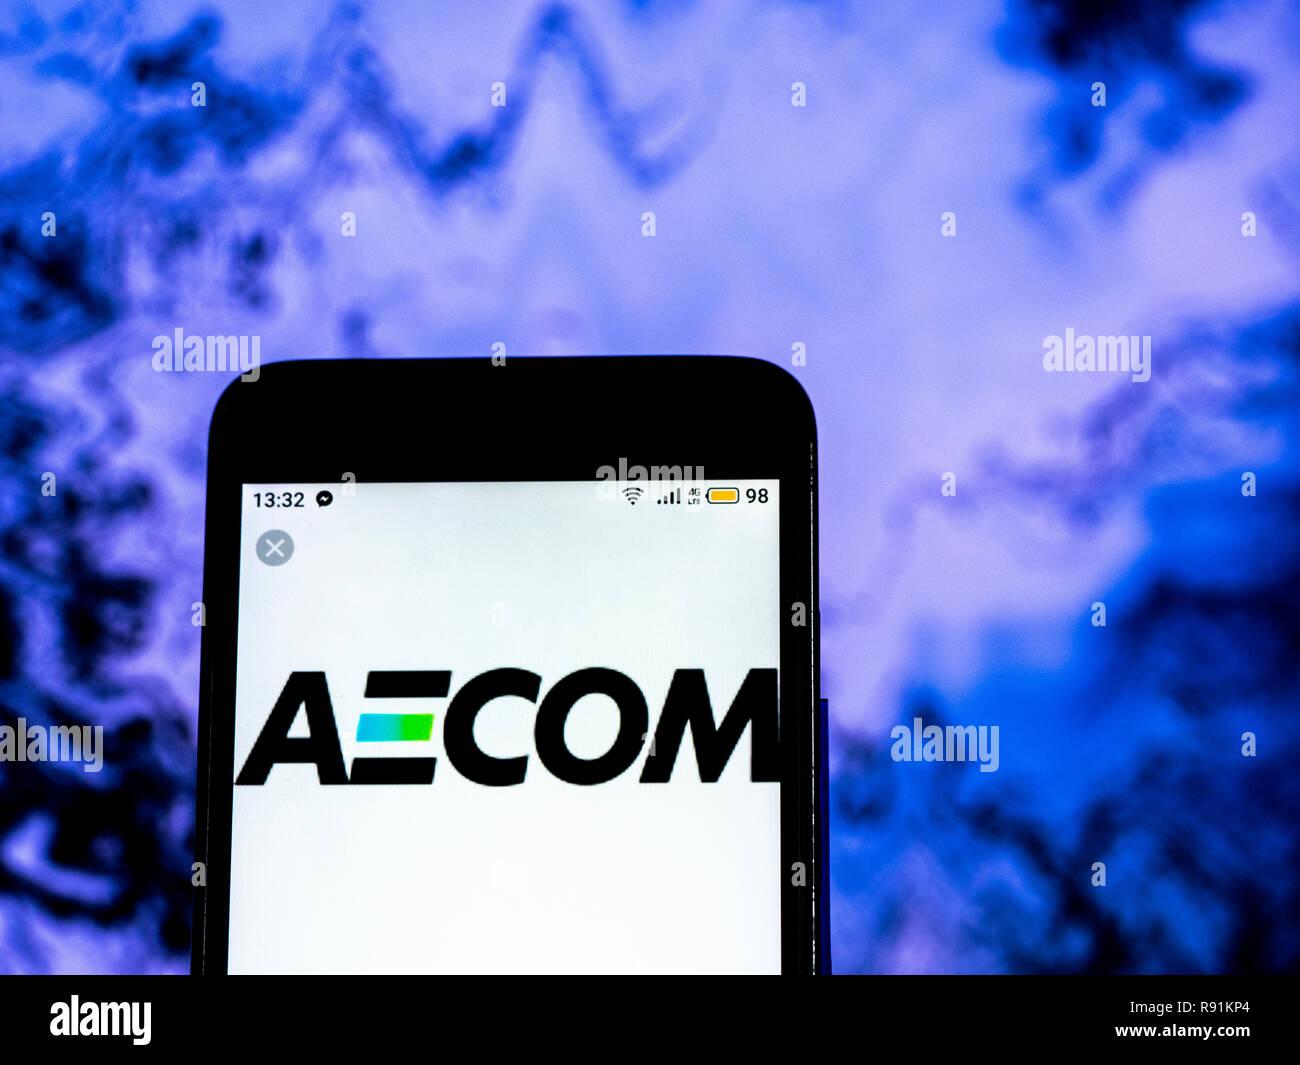 Aecom Stock Photos & Aecom Stock Images - Alamy